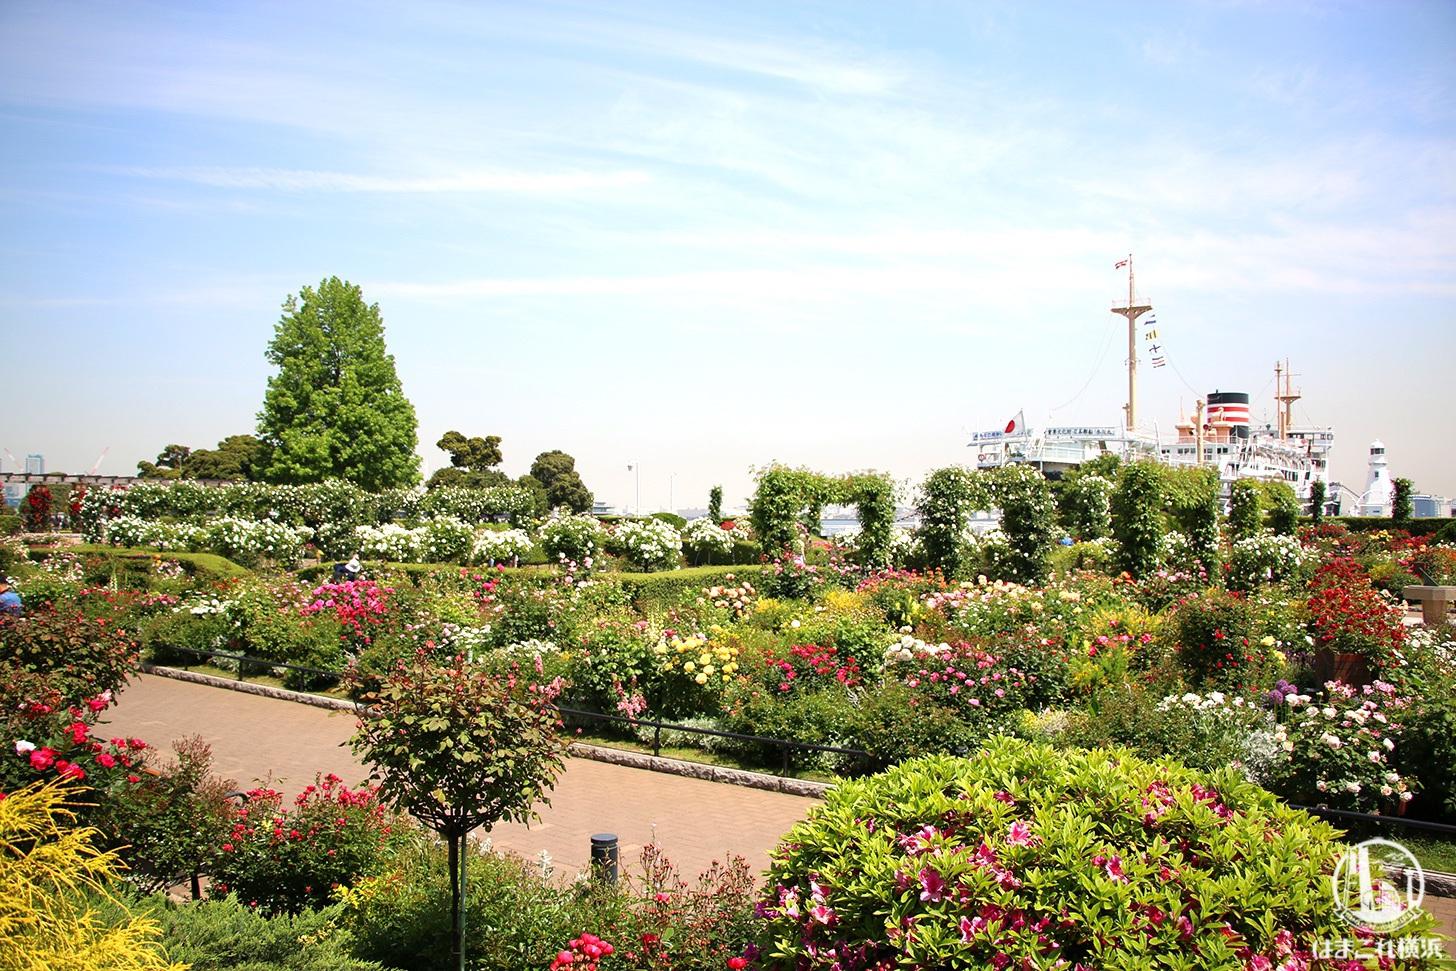 ガーデンネックレス横浜2021、みなとエリアと里山ガーデンで開催!